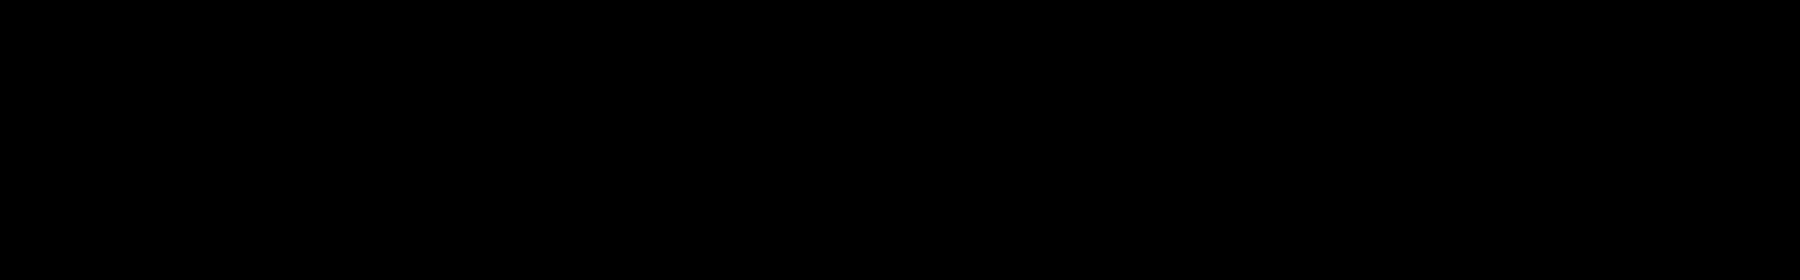 PYXIS audio waveform